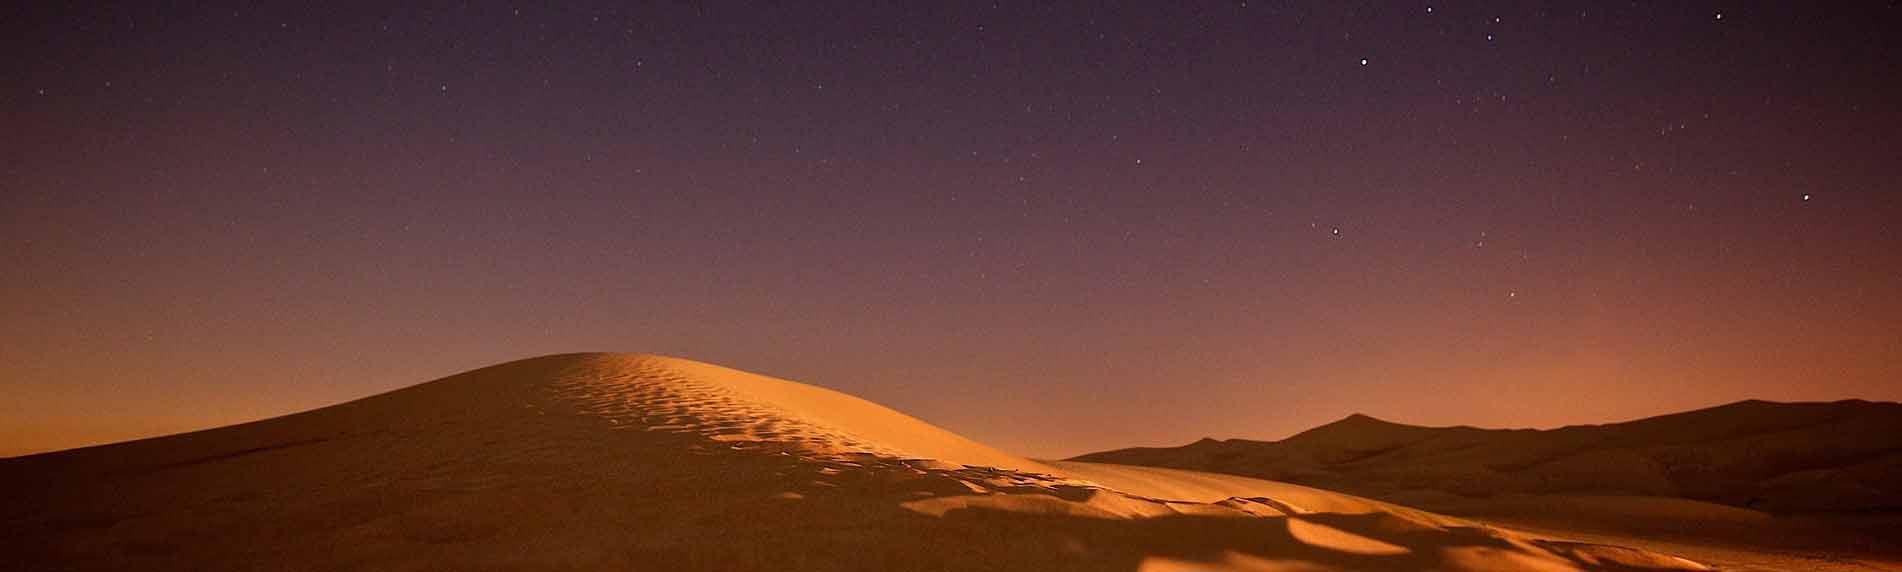 liwa overnight safari in abu dhabi